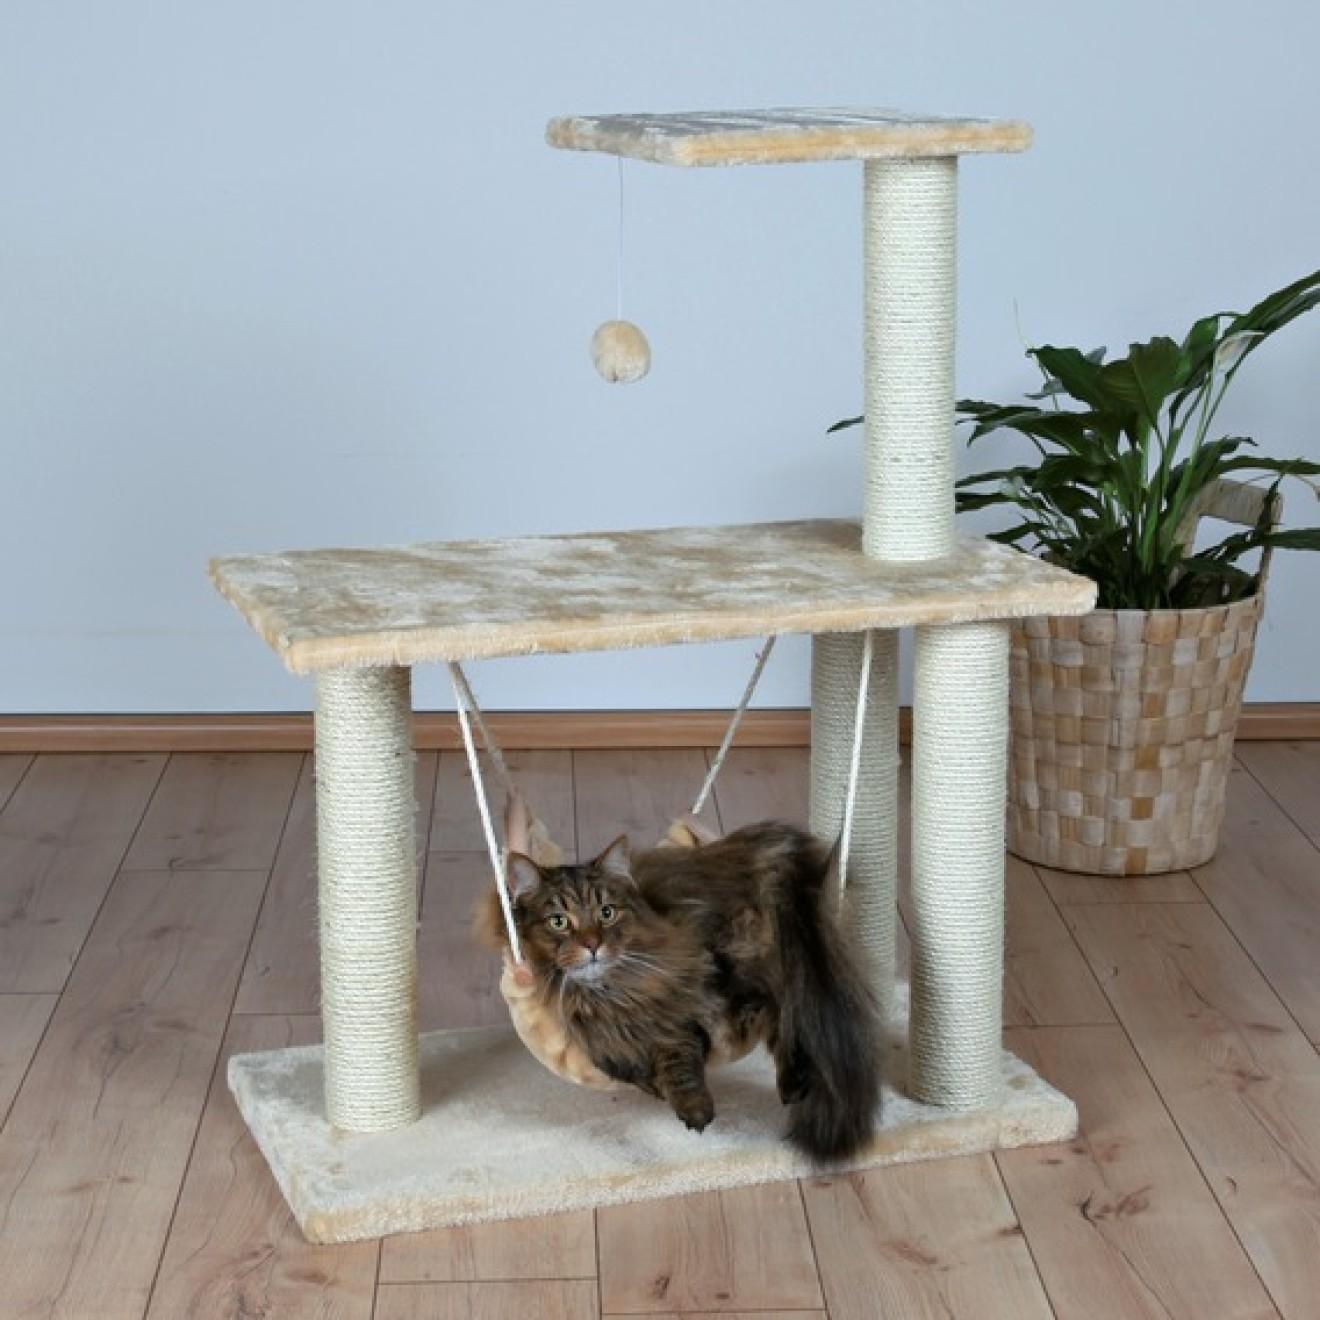 katzen kratzbaum morella mit h ngematte 96 cm hoch online kaufen. Black Bedroom Furniture Sets. Home Design Ideas